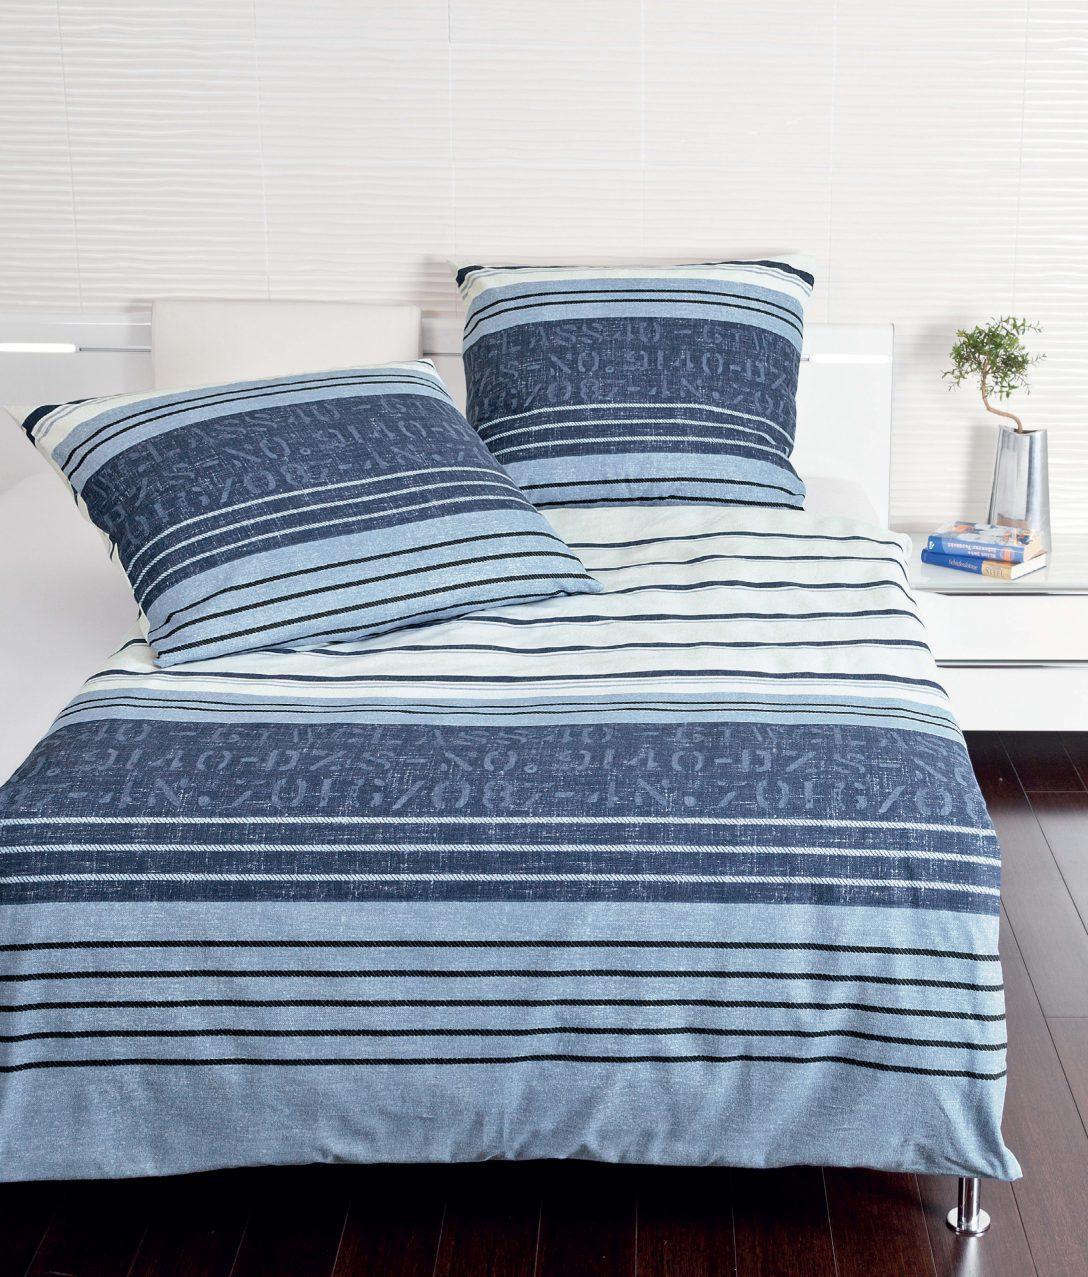 Large Size of Betten 200x200 5af5aff6bbcb9 Jabo Mit Matratze Und Lattenrost 140x200 Rauch Designer Für Teenager Französische Xxl überlänge Joop Bock 160x200 Bett Bett Betten 200x200